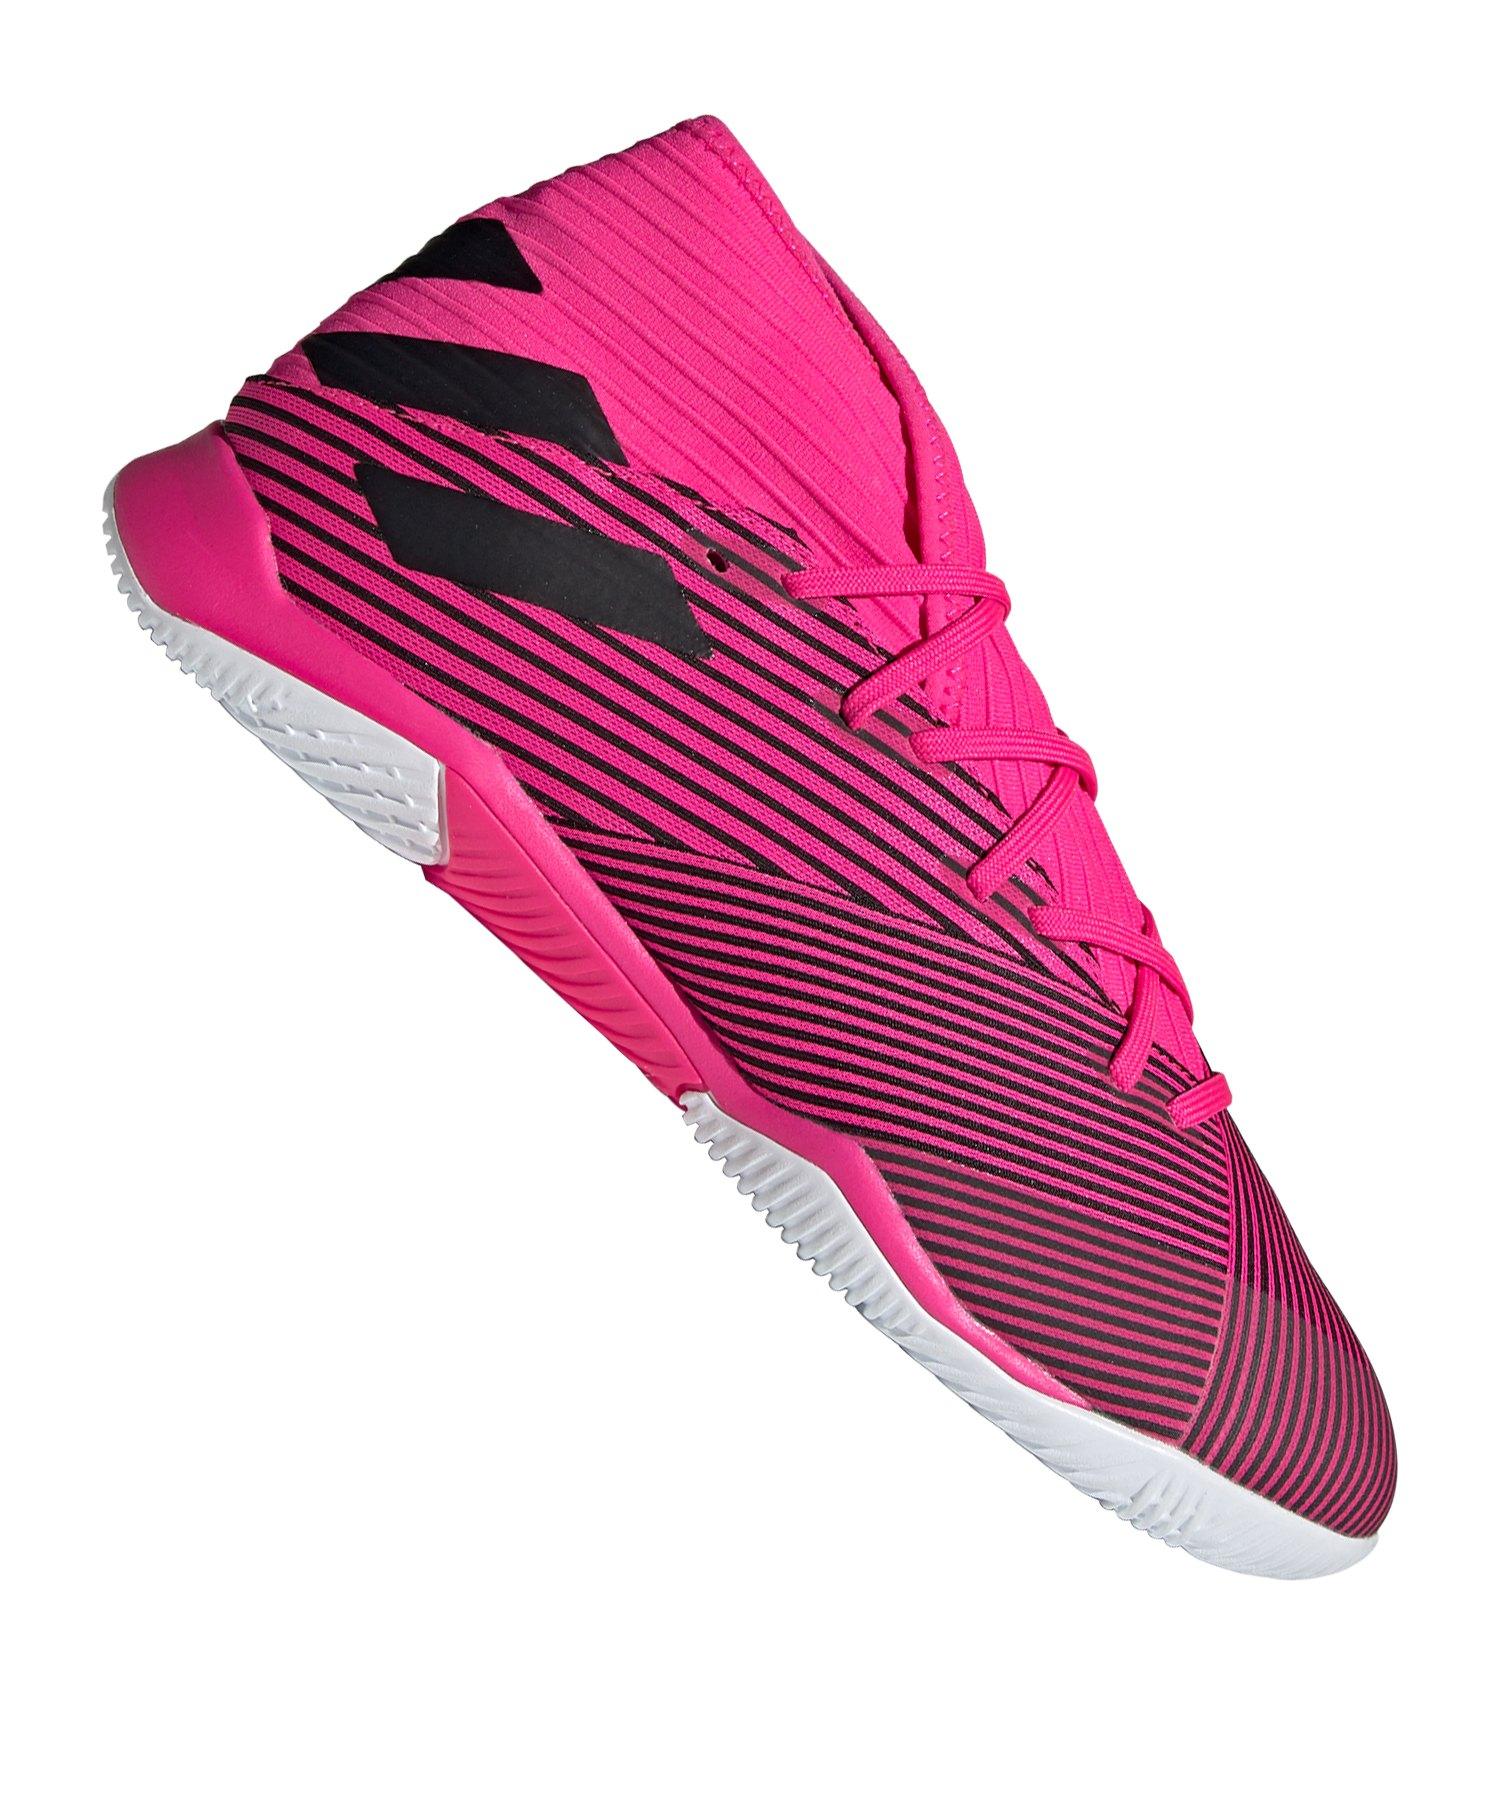 Adidas Nemeziz 19 3 In Halle Pink